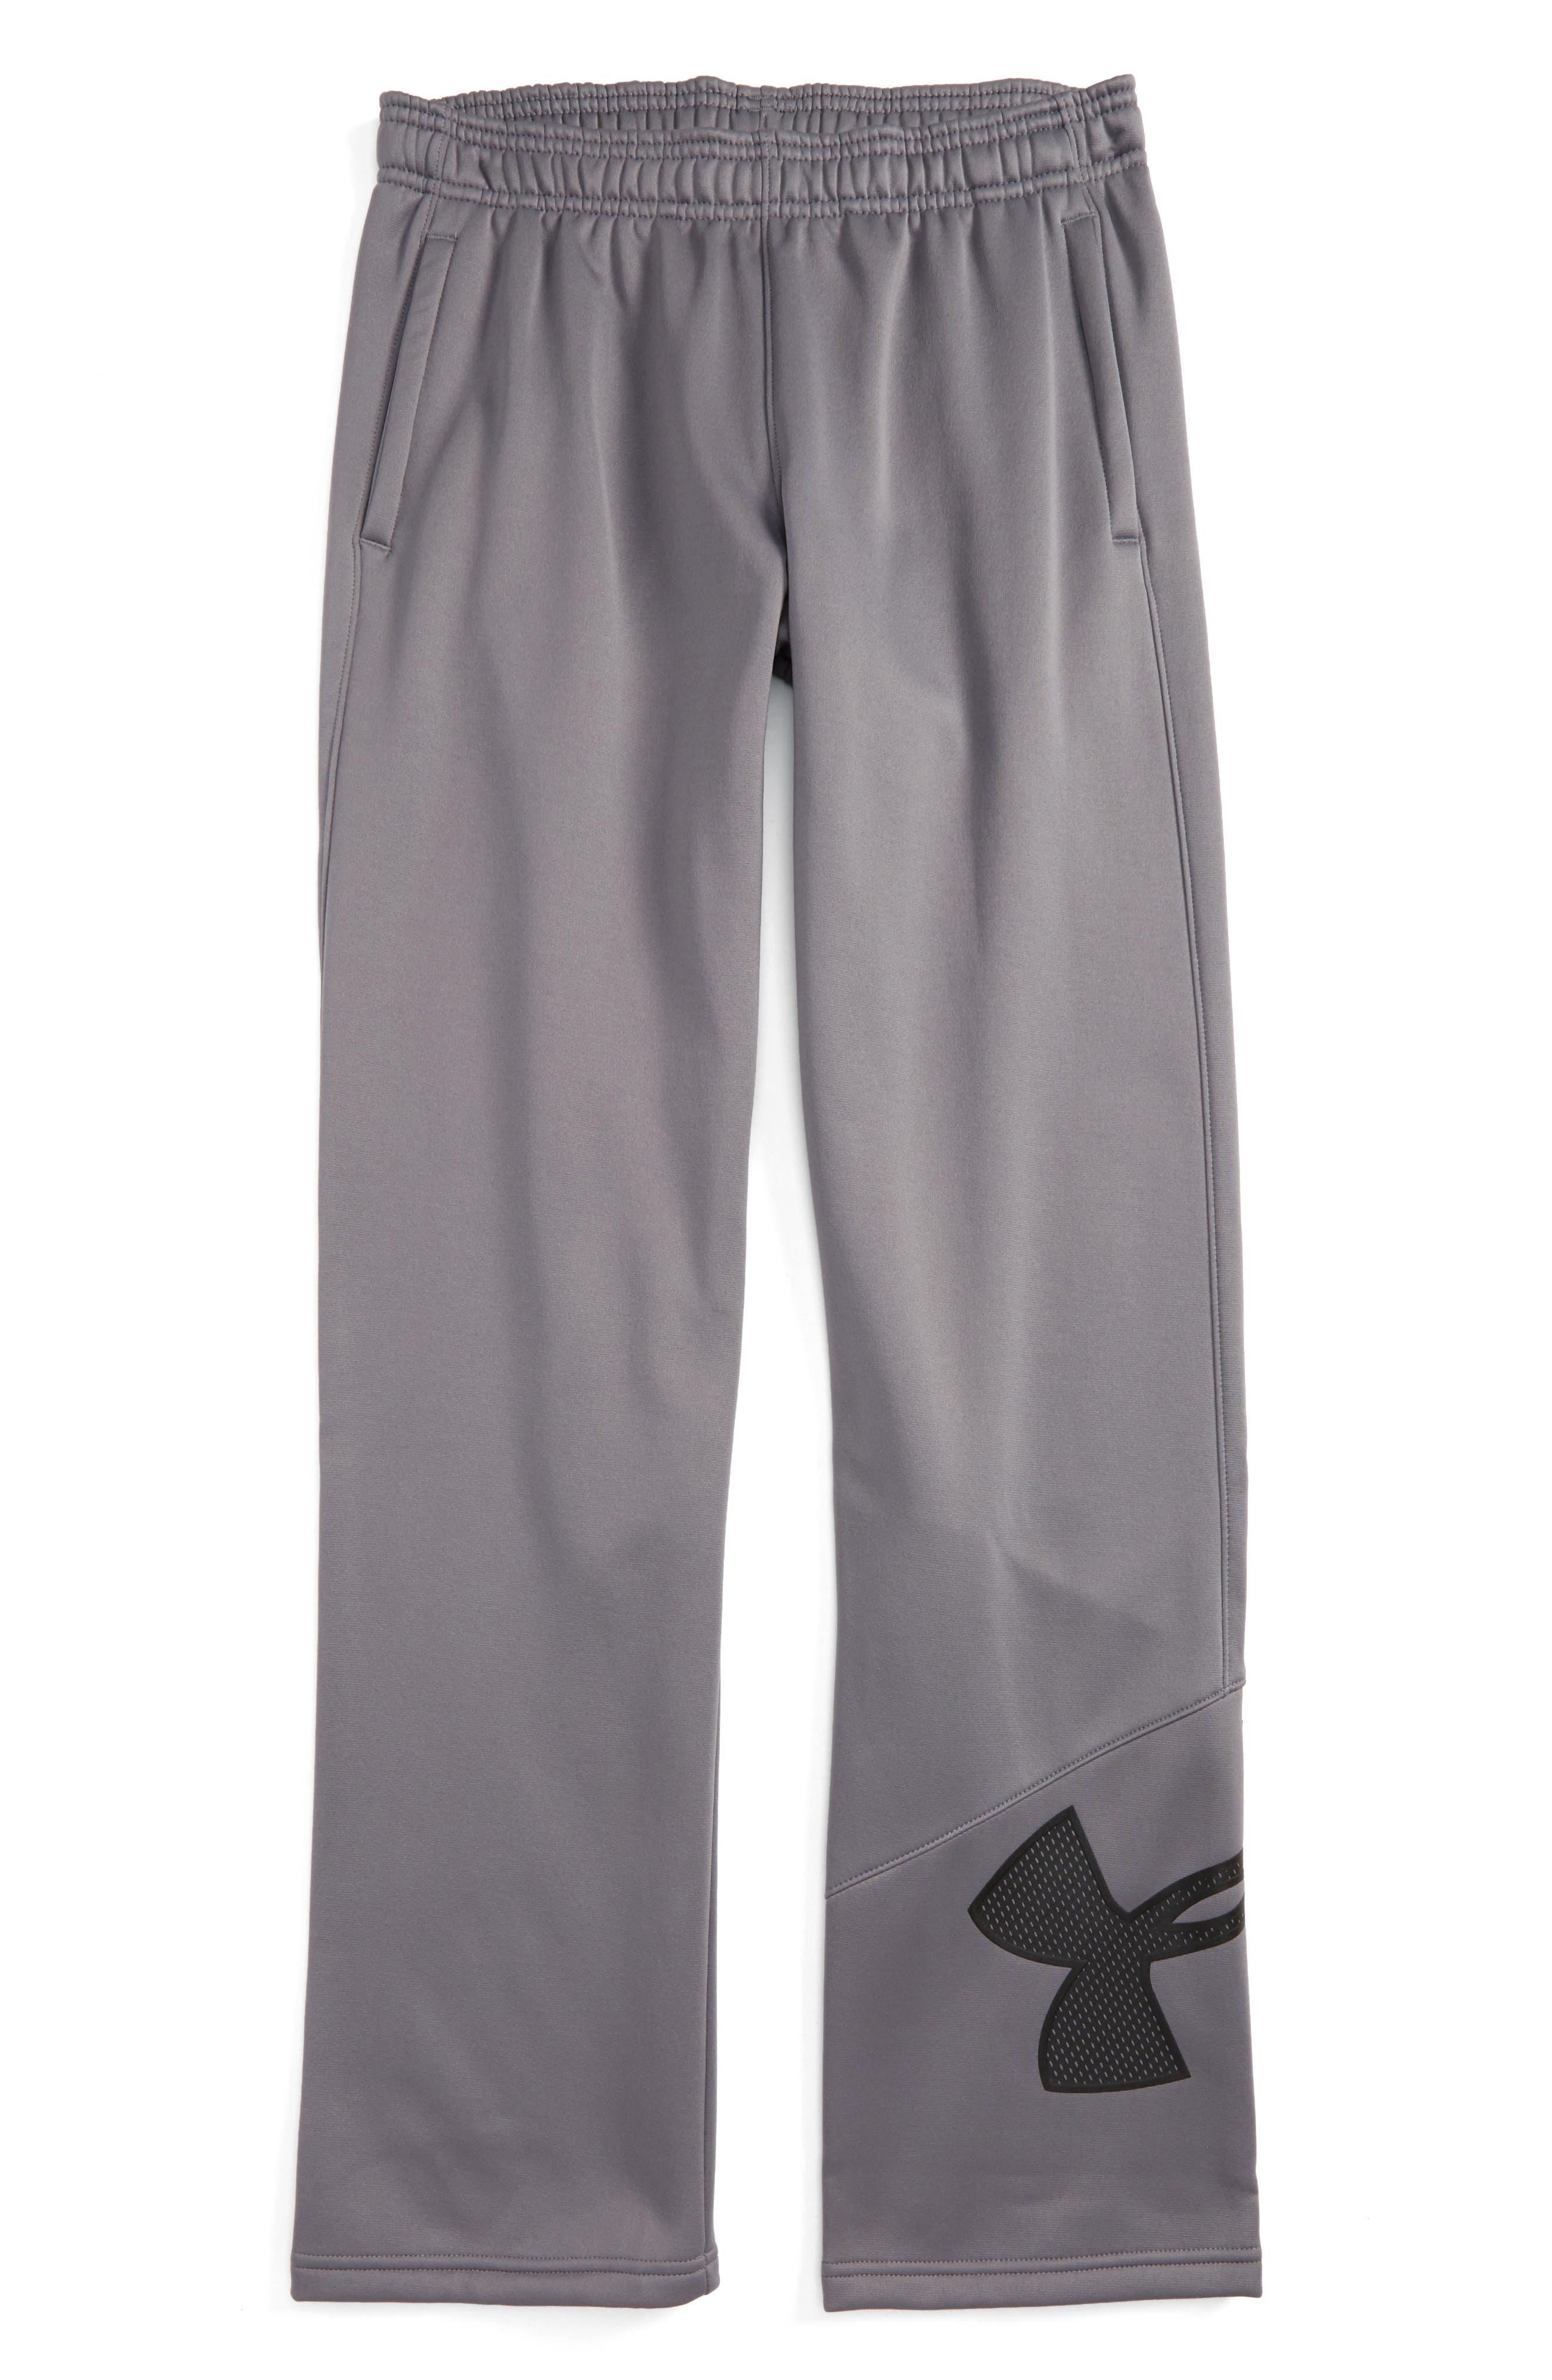 Storm ColdGear<sup>®</sup> Pants,                         Main,                         color, Graphite/ Ultra Blue